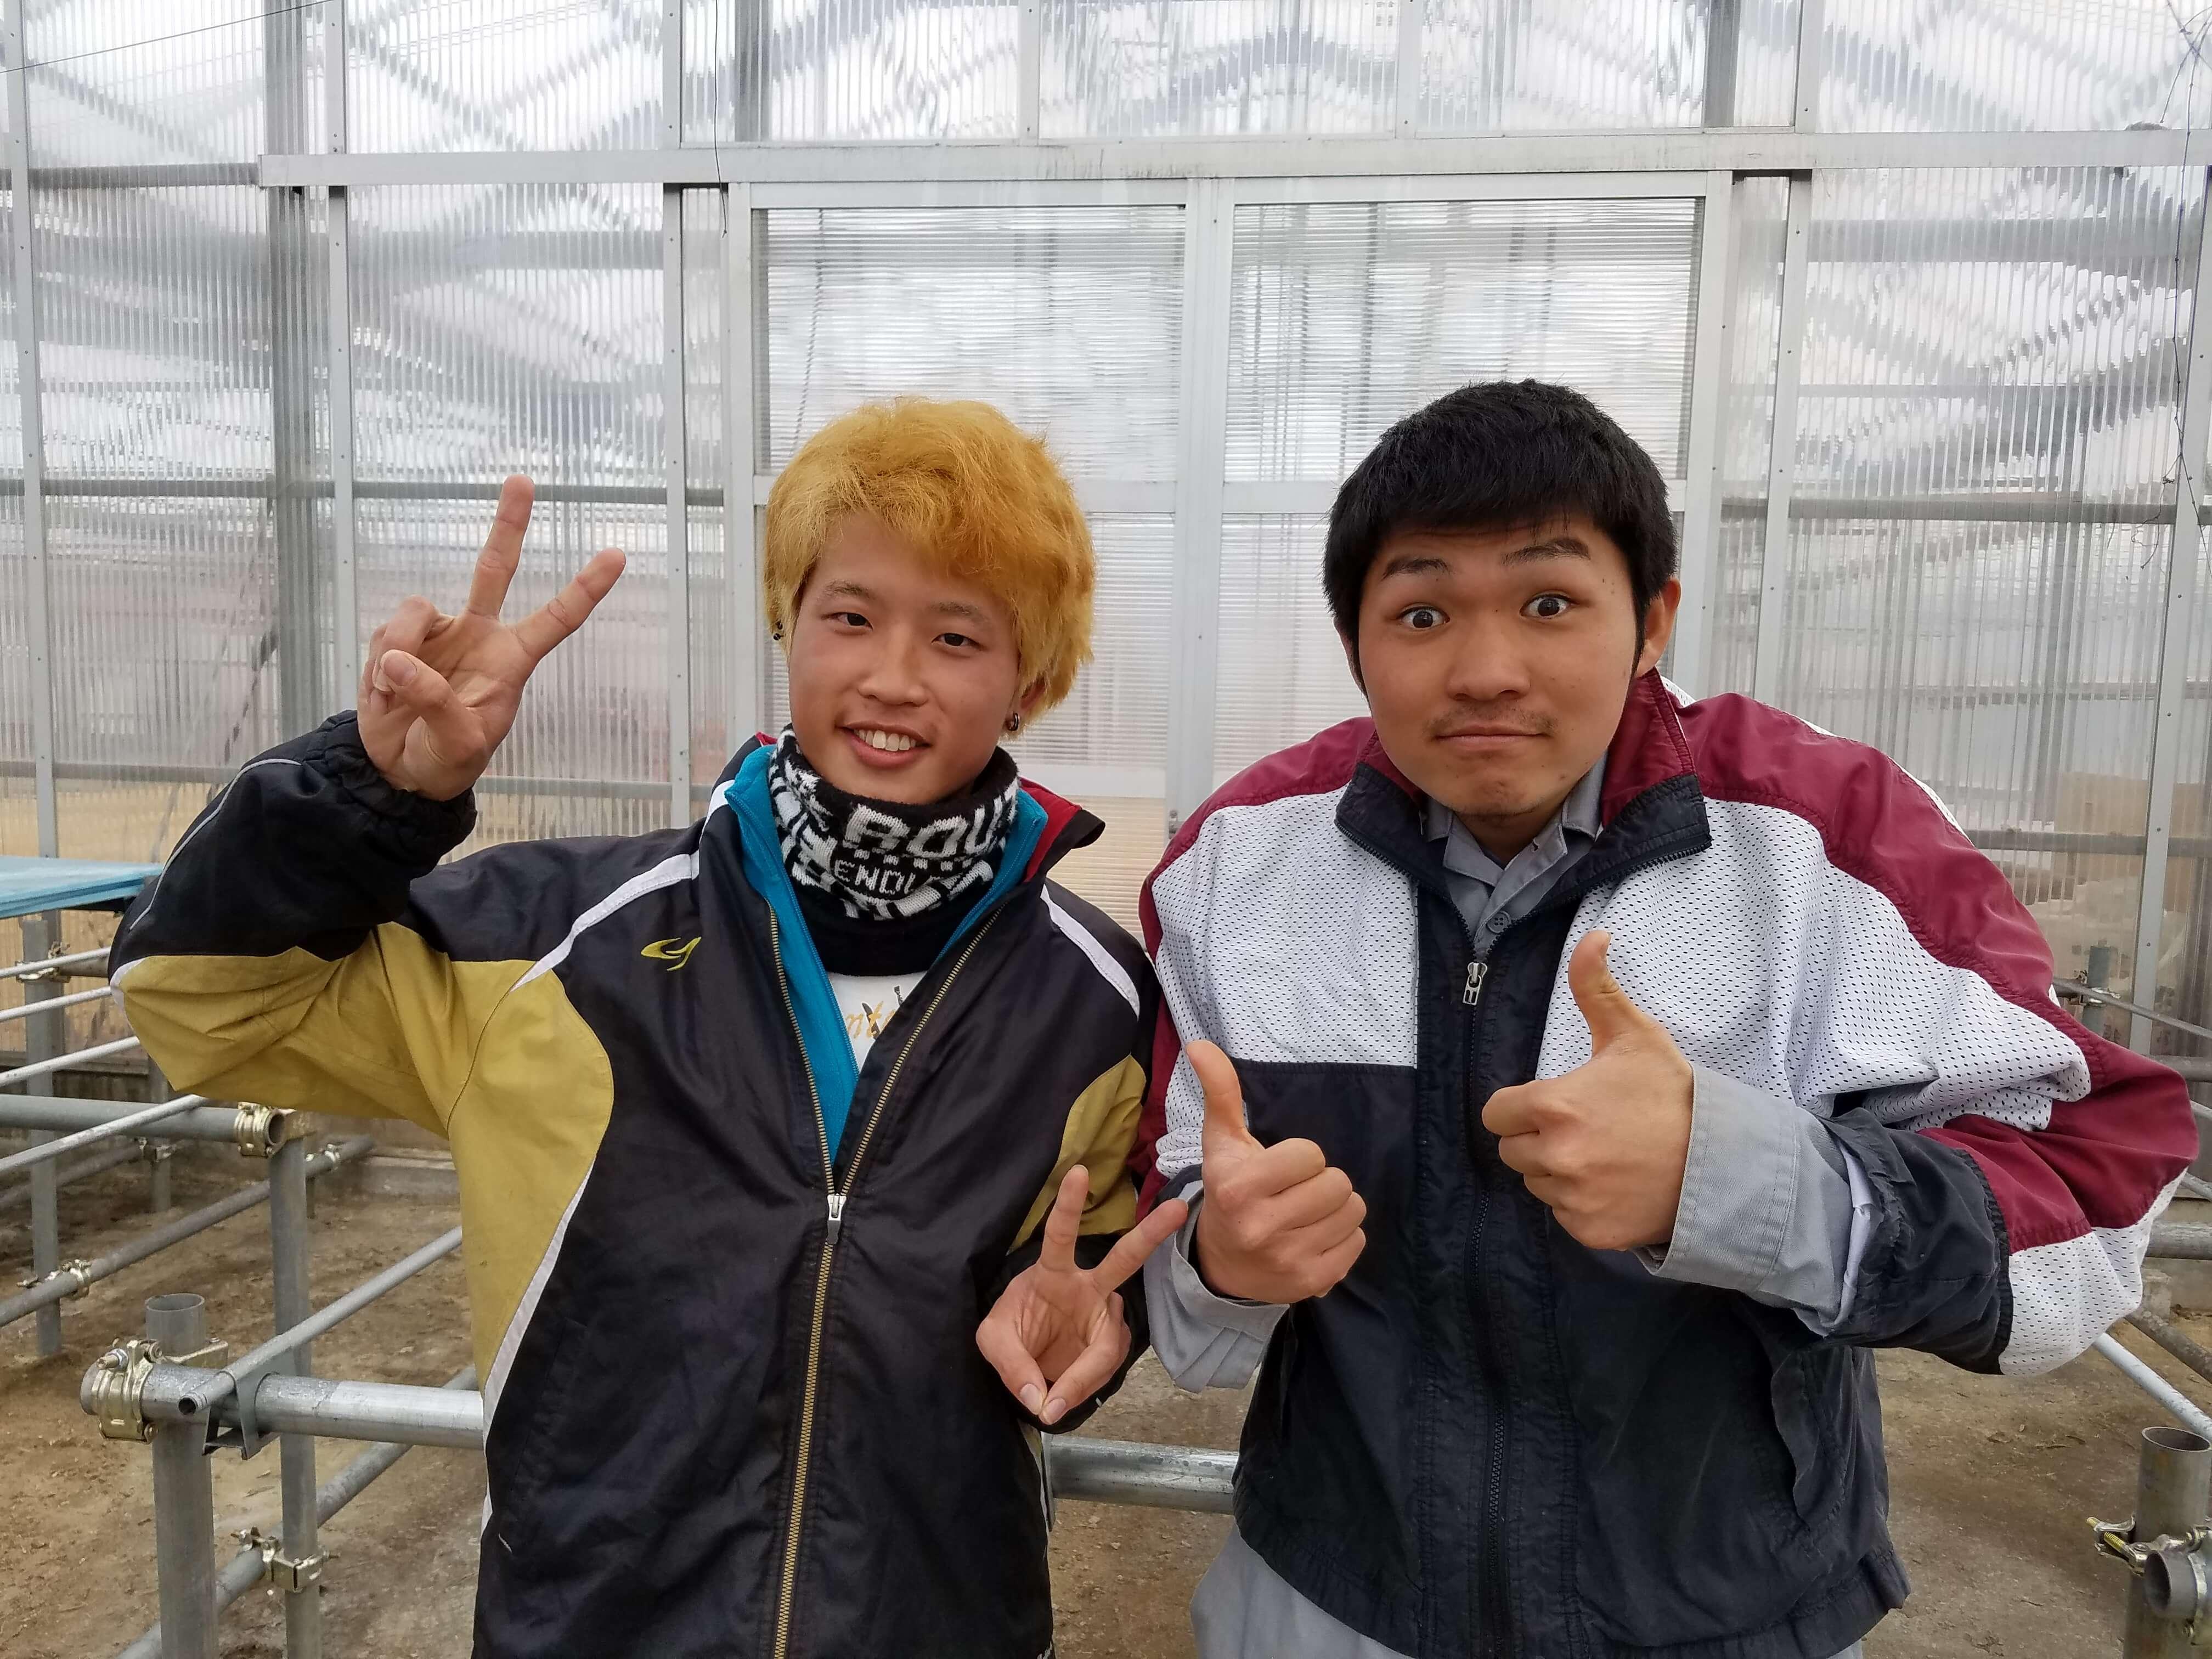 久野雄生さん(24歳) 松村凌太朗さん(20歳)